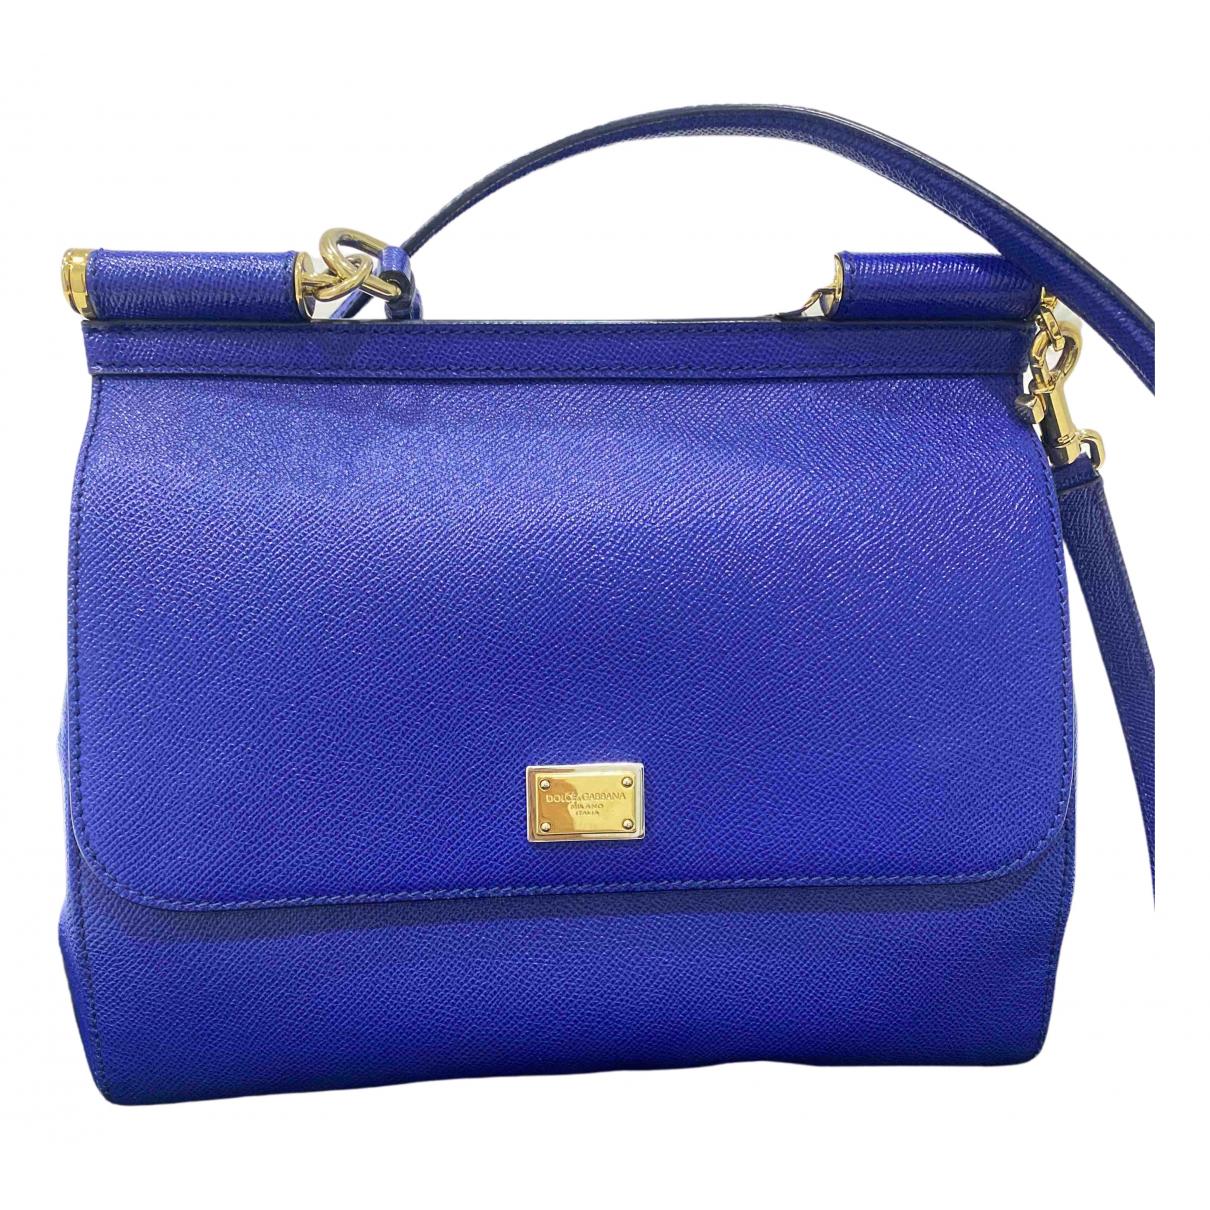 Dolce & Gabbana Sicily Blue Leather handbag for Women \N